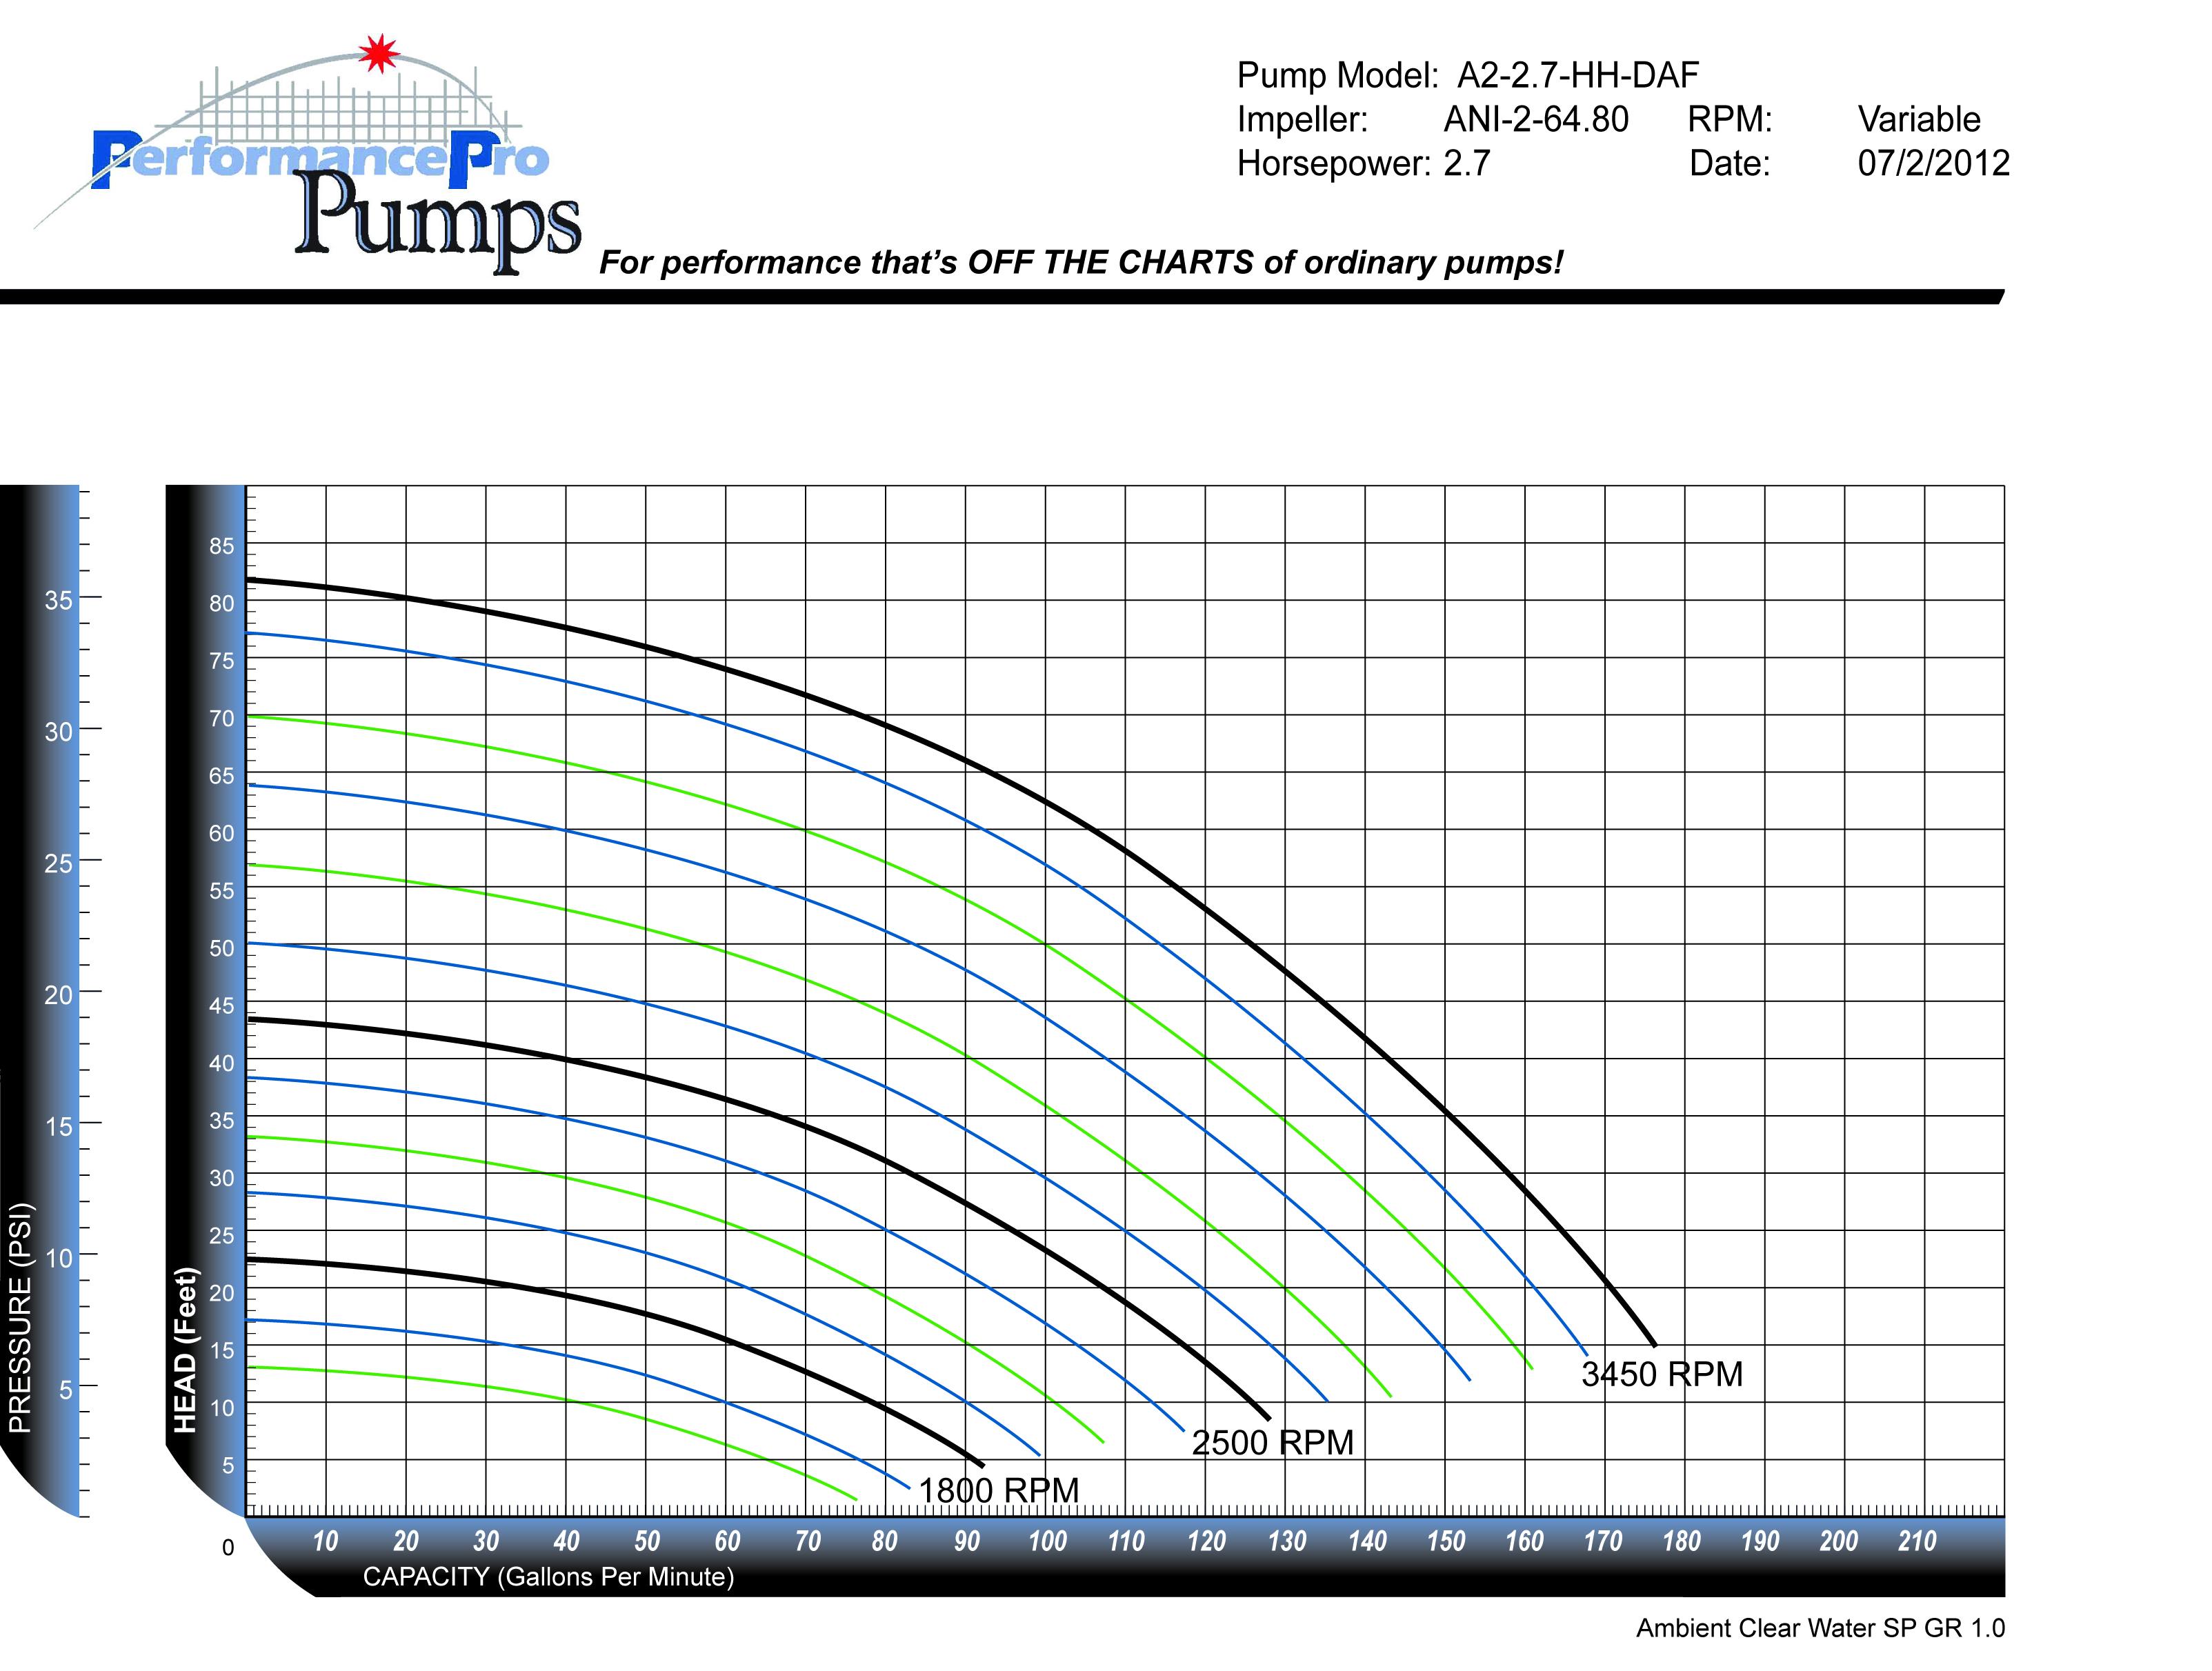 Artesian2 DAF 2.7HP HH curve